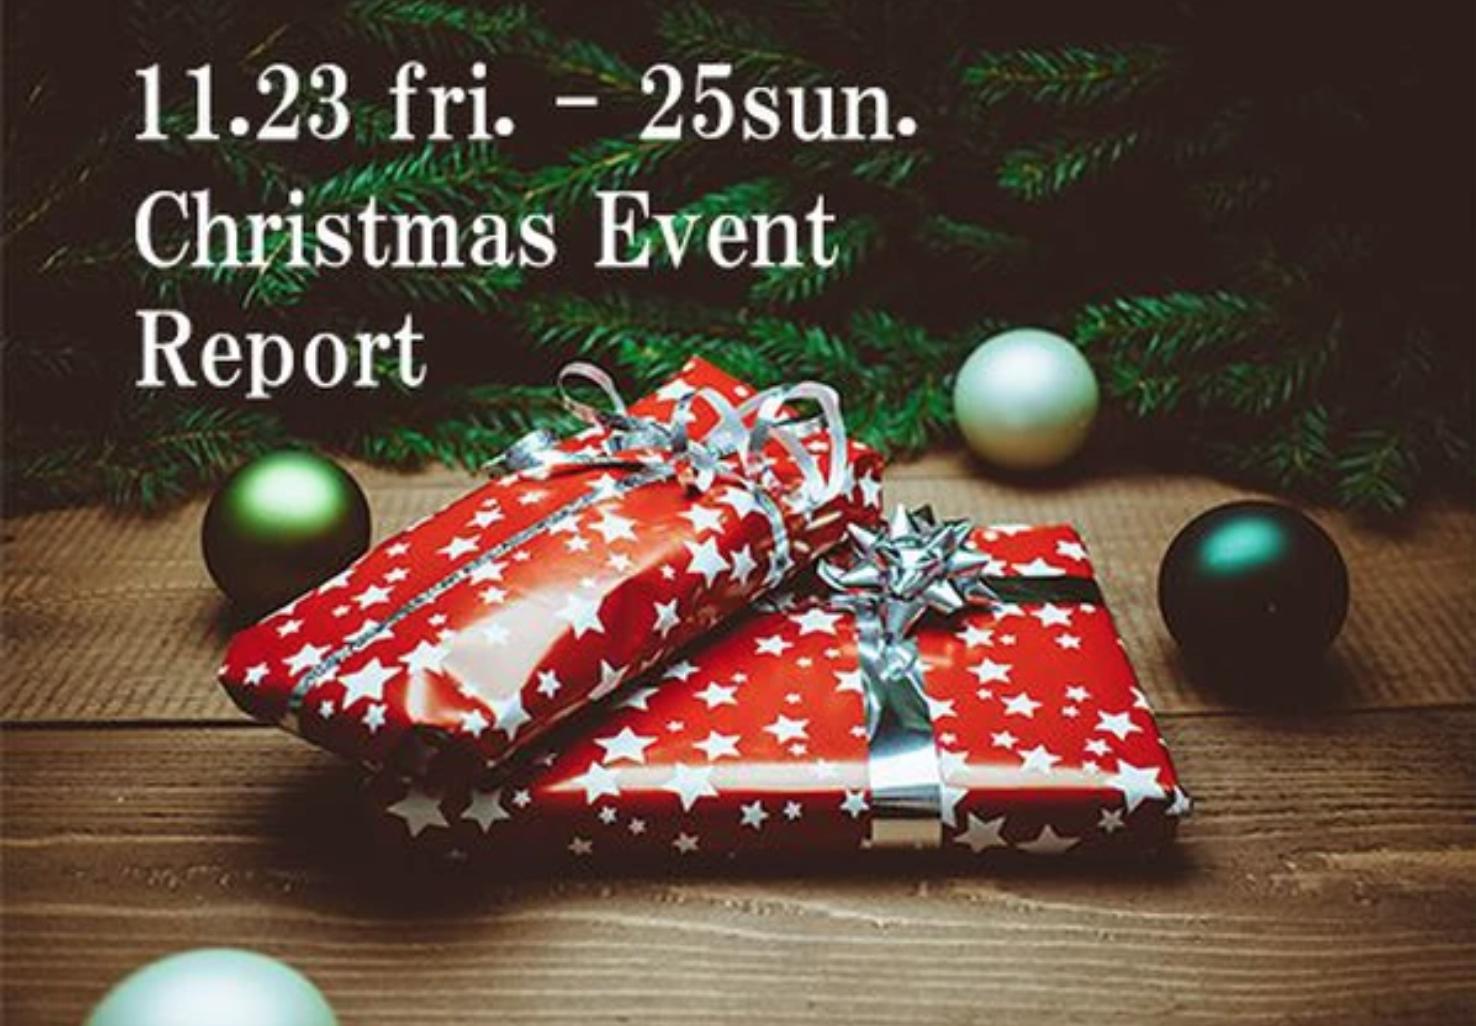 【イベント報告】11/23fri.-25sun.クリスマス リース&ツリー作り